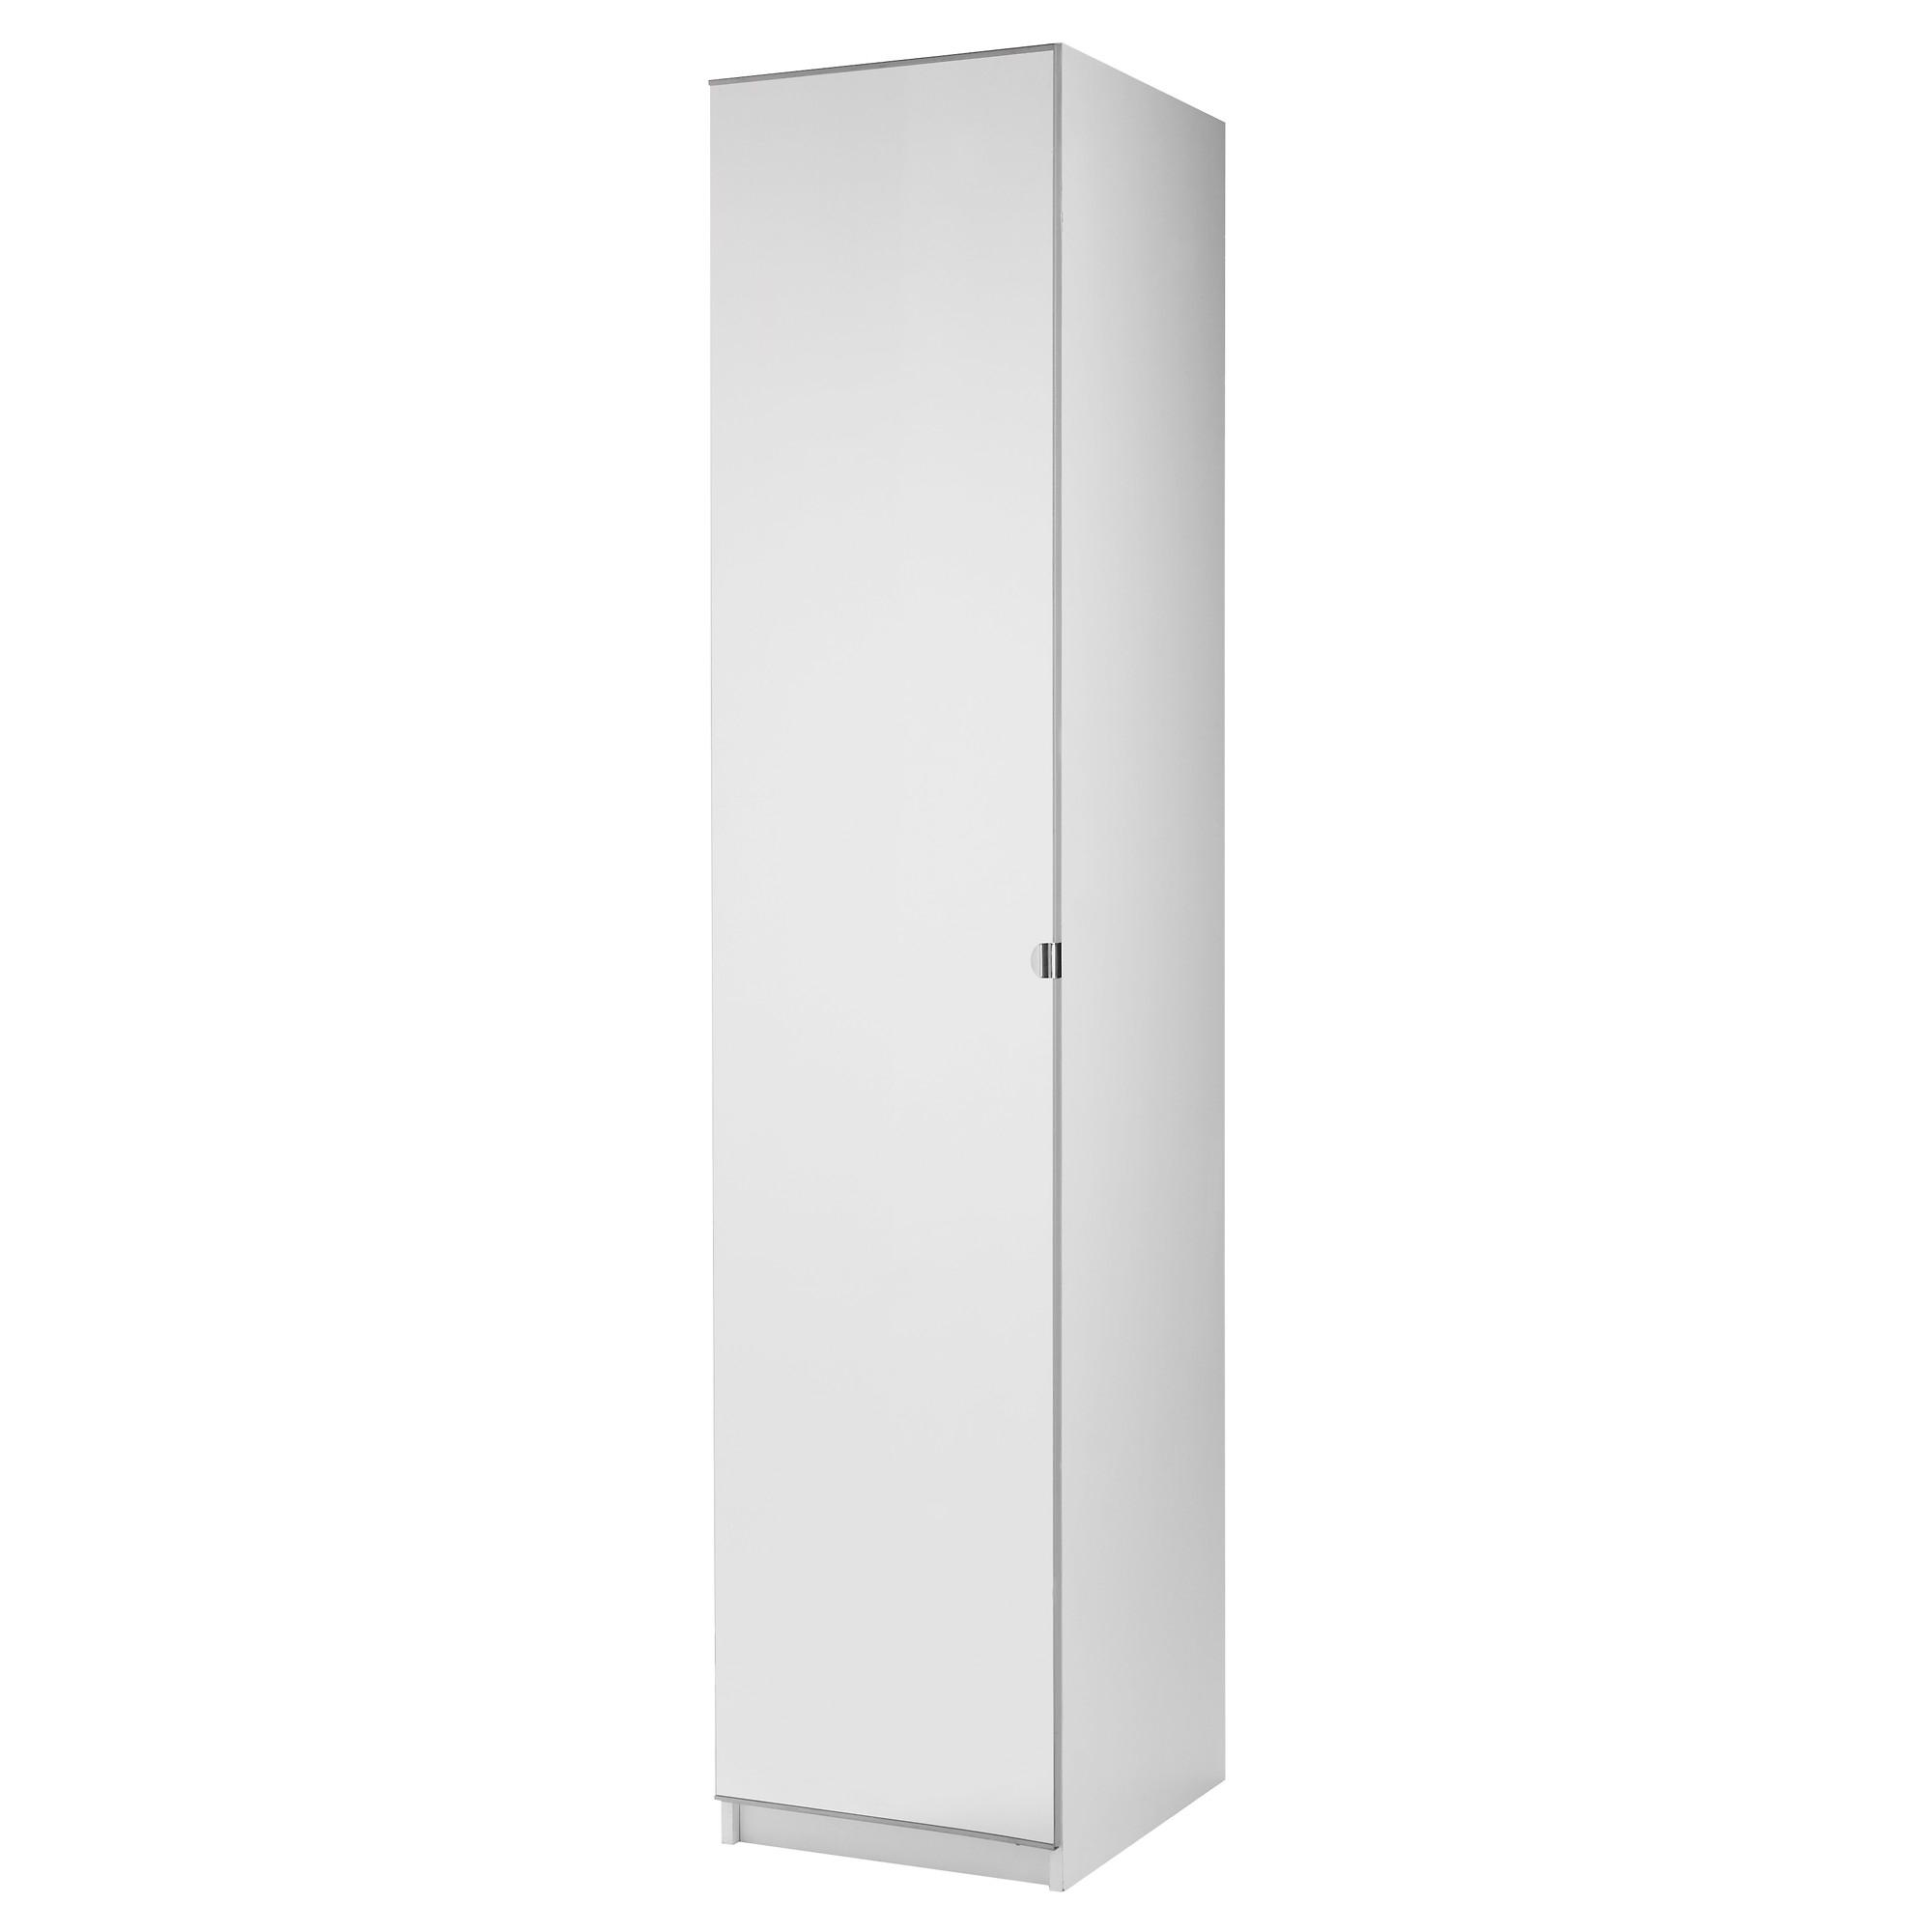 Adesivo Decorativo De Parede Cozinha ~ PAX armario con 1 puerta